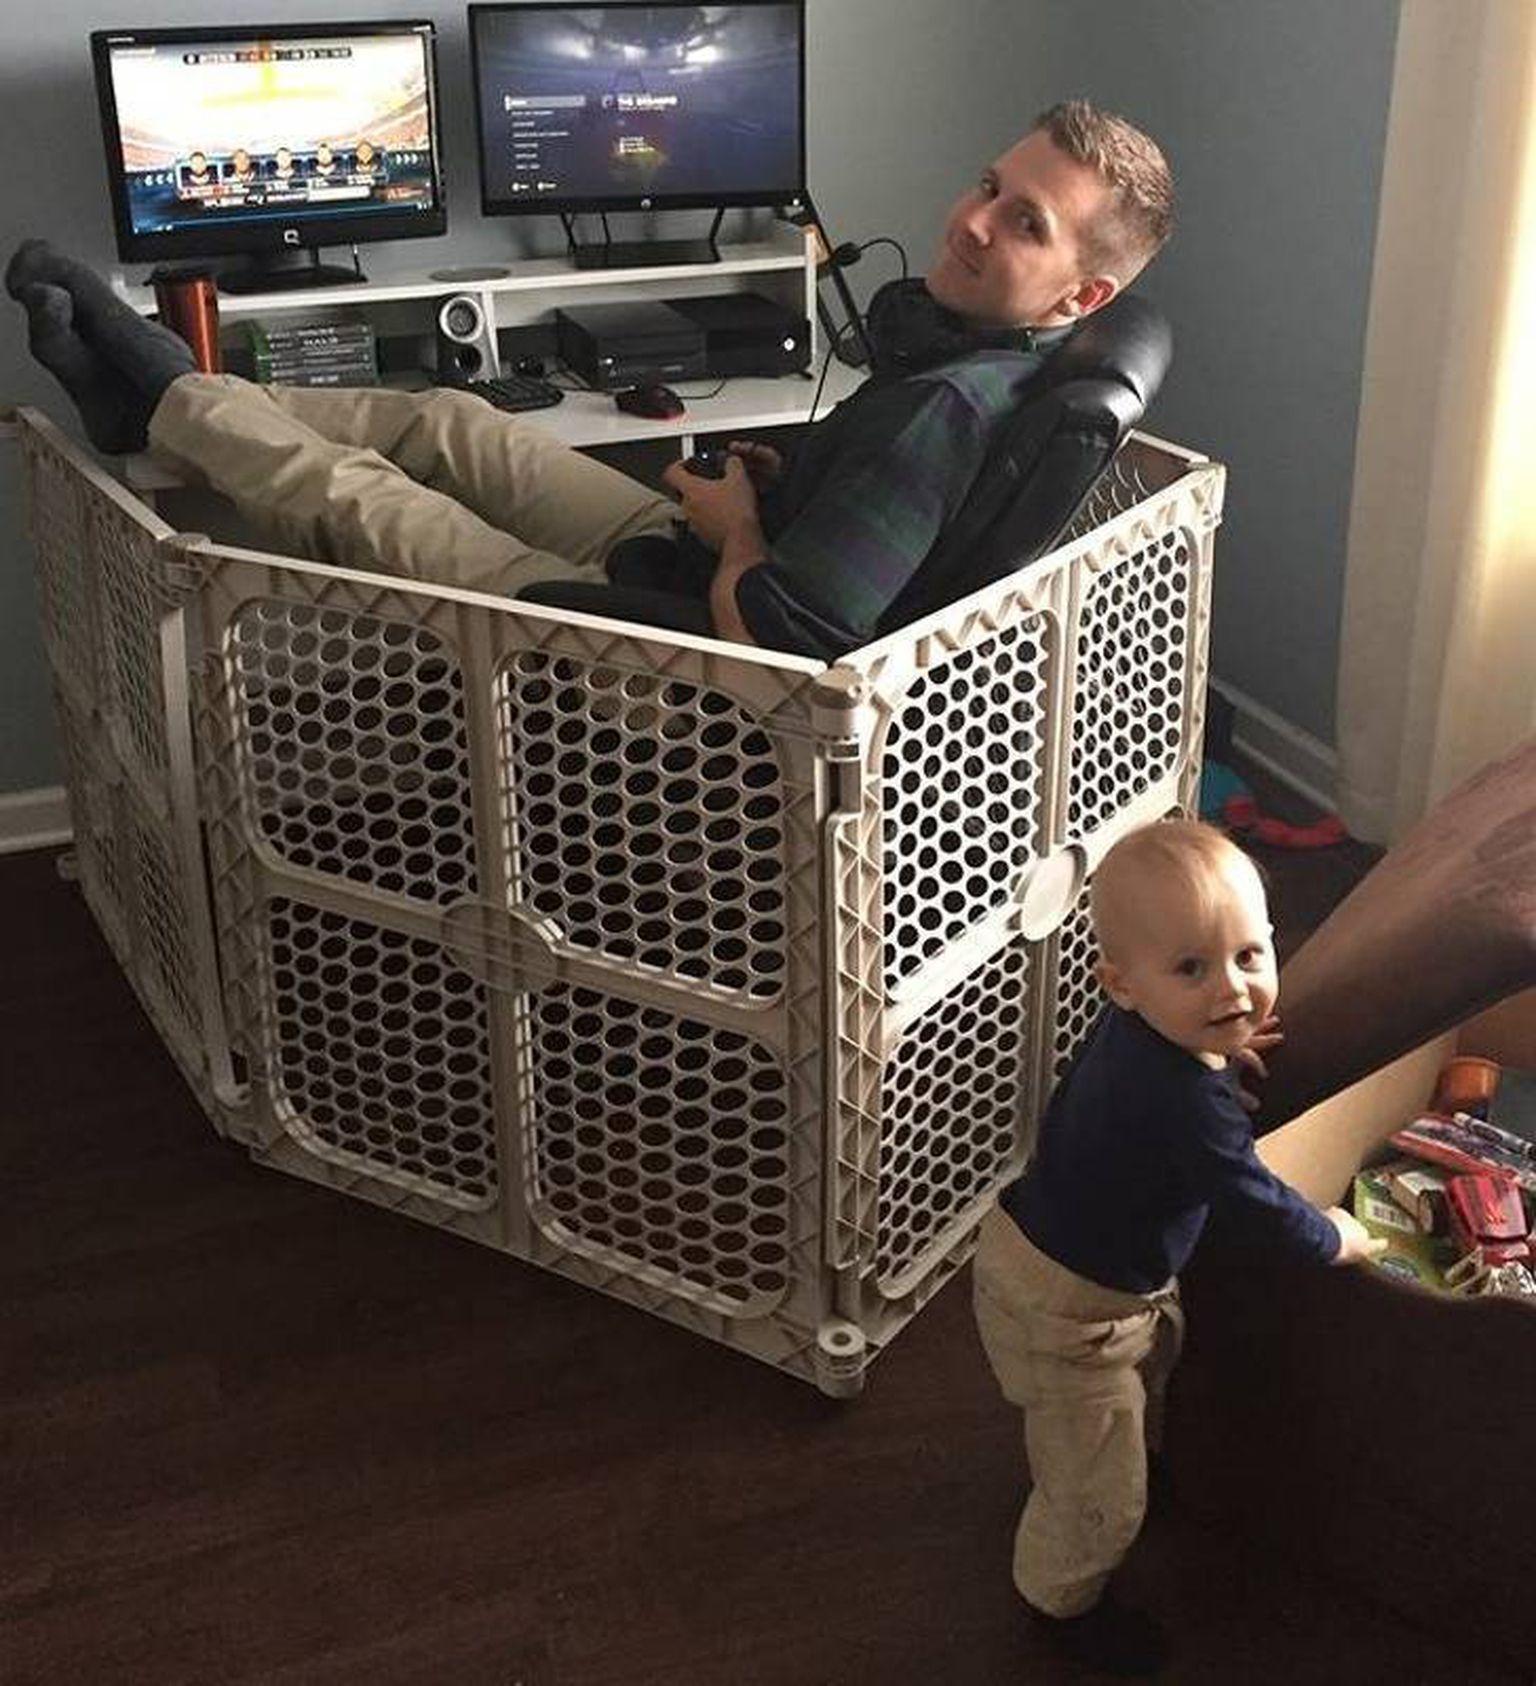 Папа за ПК в манеже, а ребенок играет возле